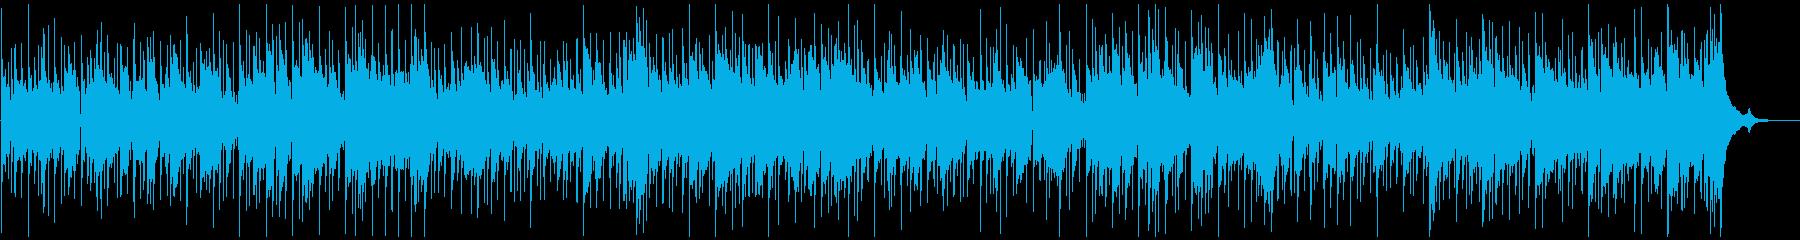 カントリー調のほのぼとモダンなBGMの再生済みの波形